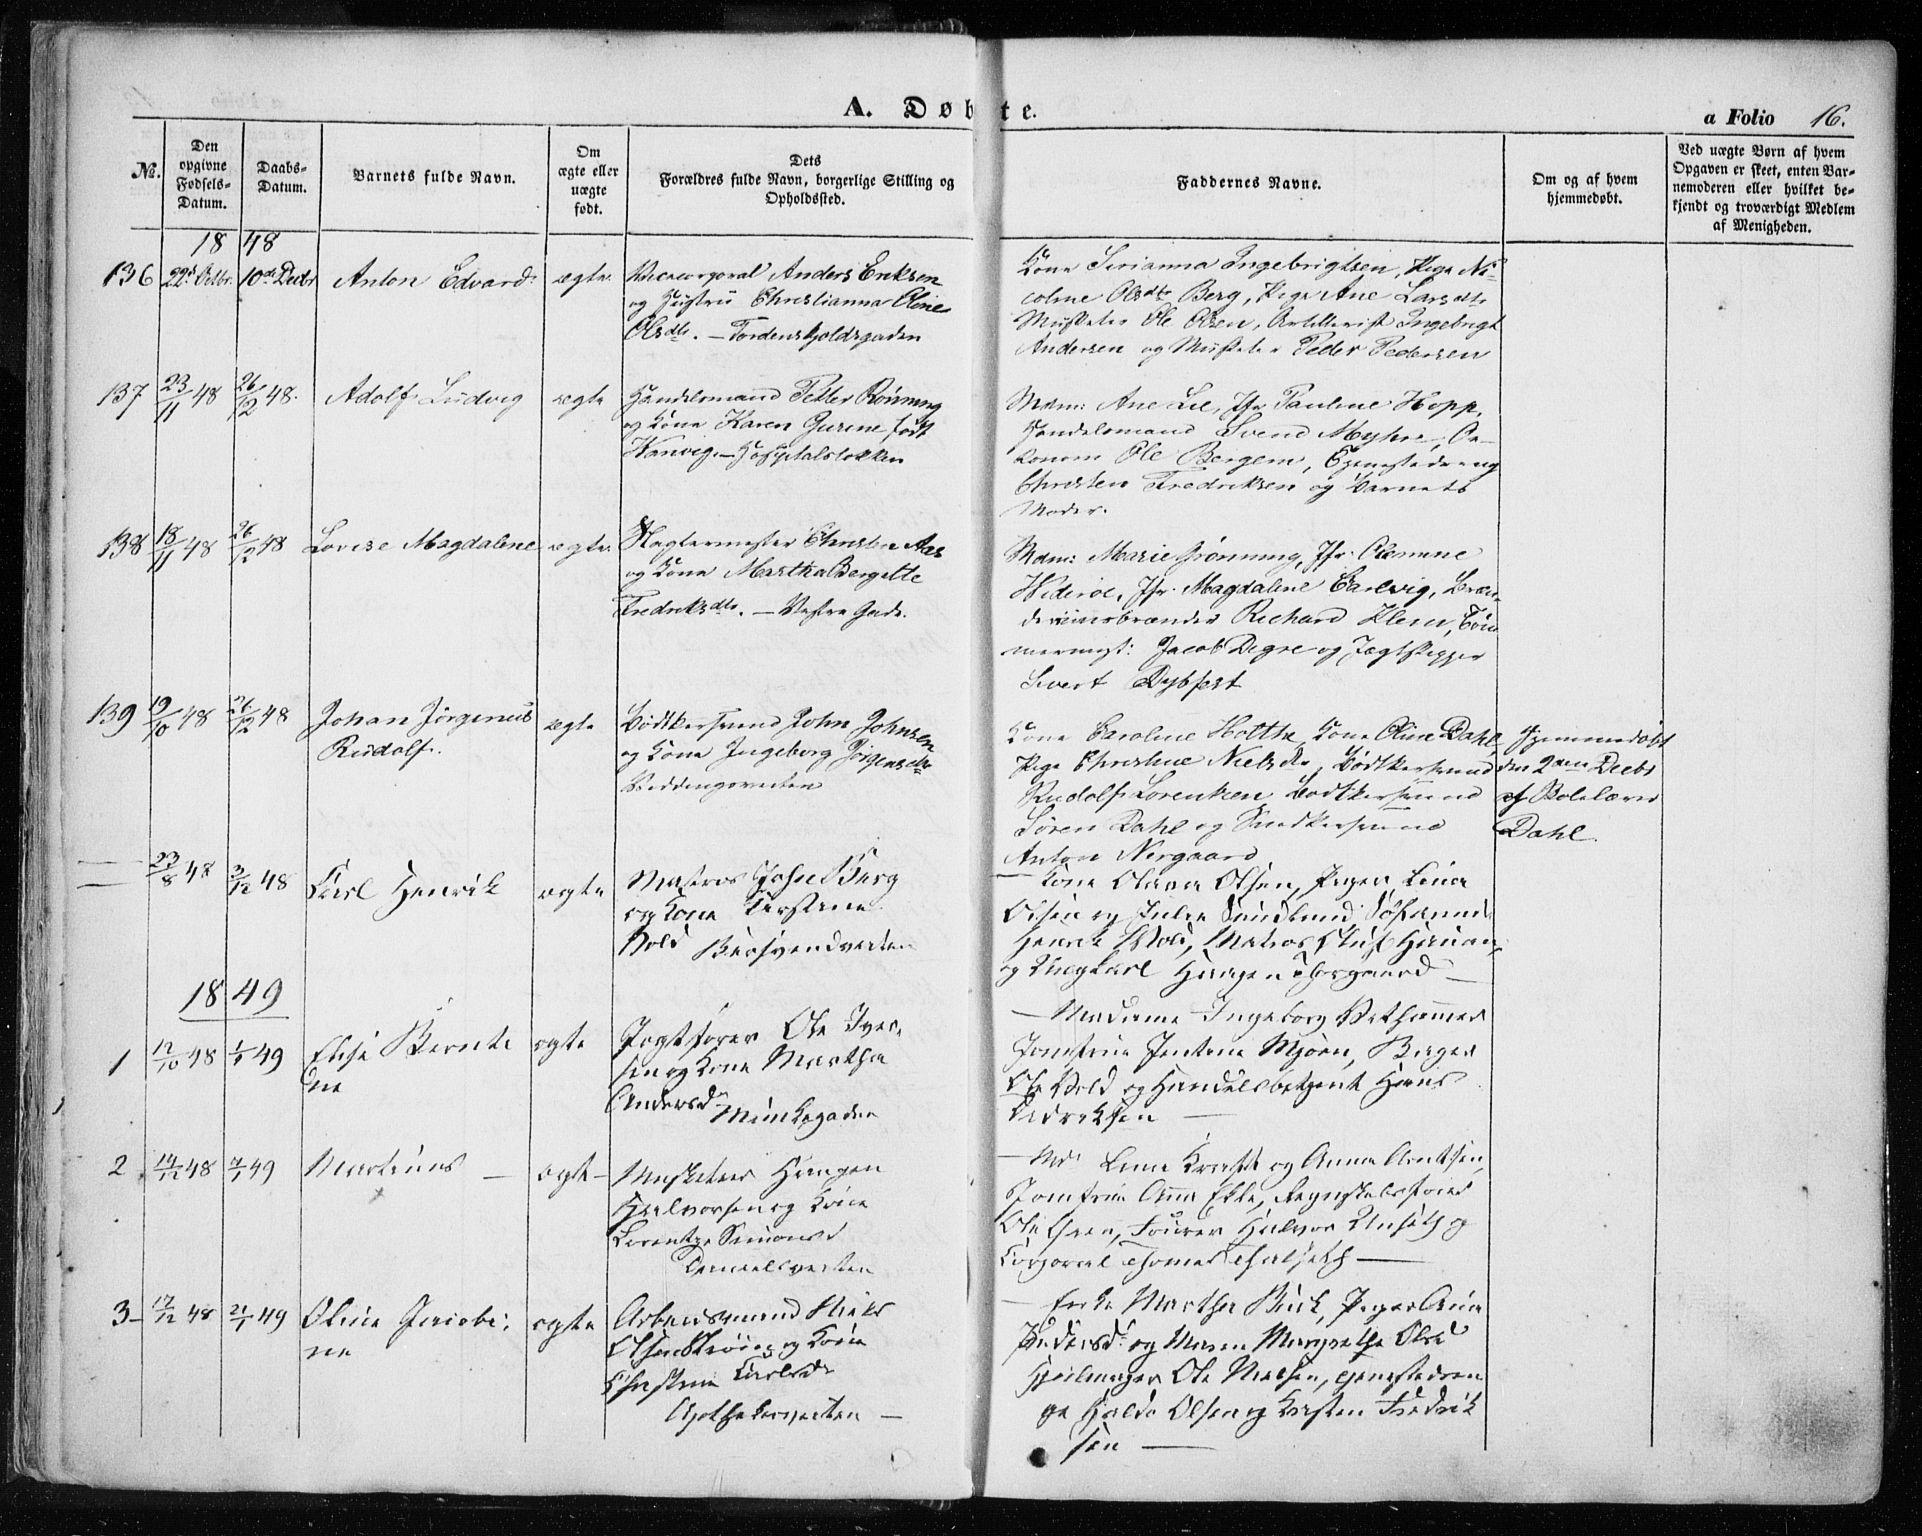 SAT, Ministerialprotokoller, klokkerbøker og fødselsregistre - Sør-Trøndelag, 601/L0051: Ministerialbok nr. 601A19, 1848-1857, s. 16